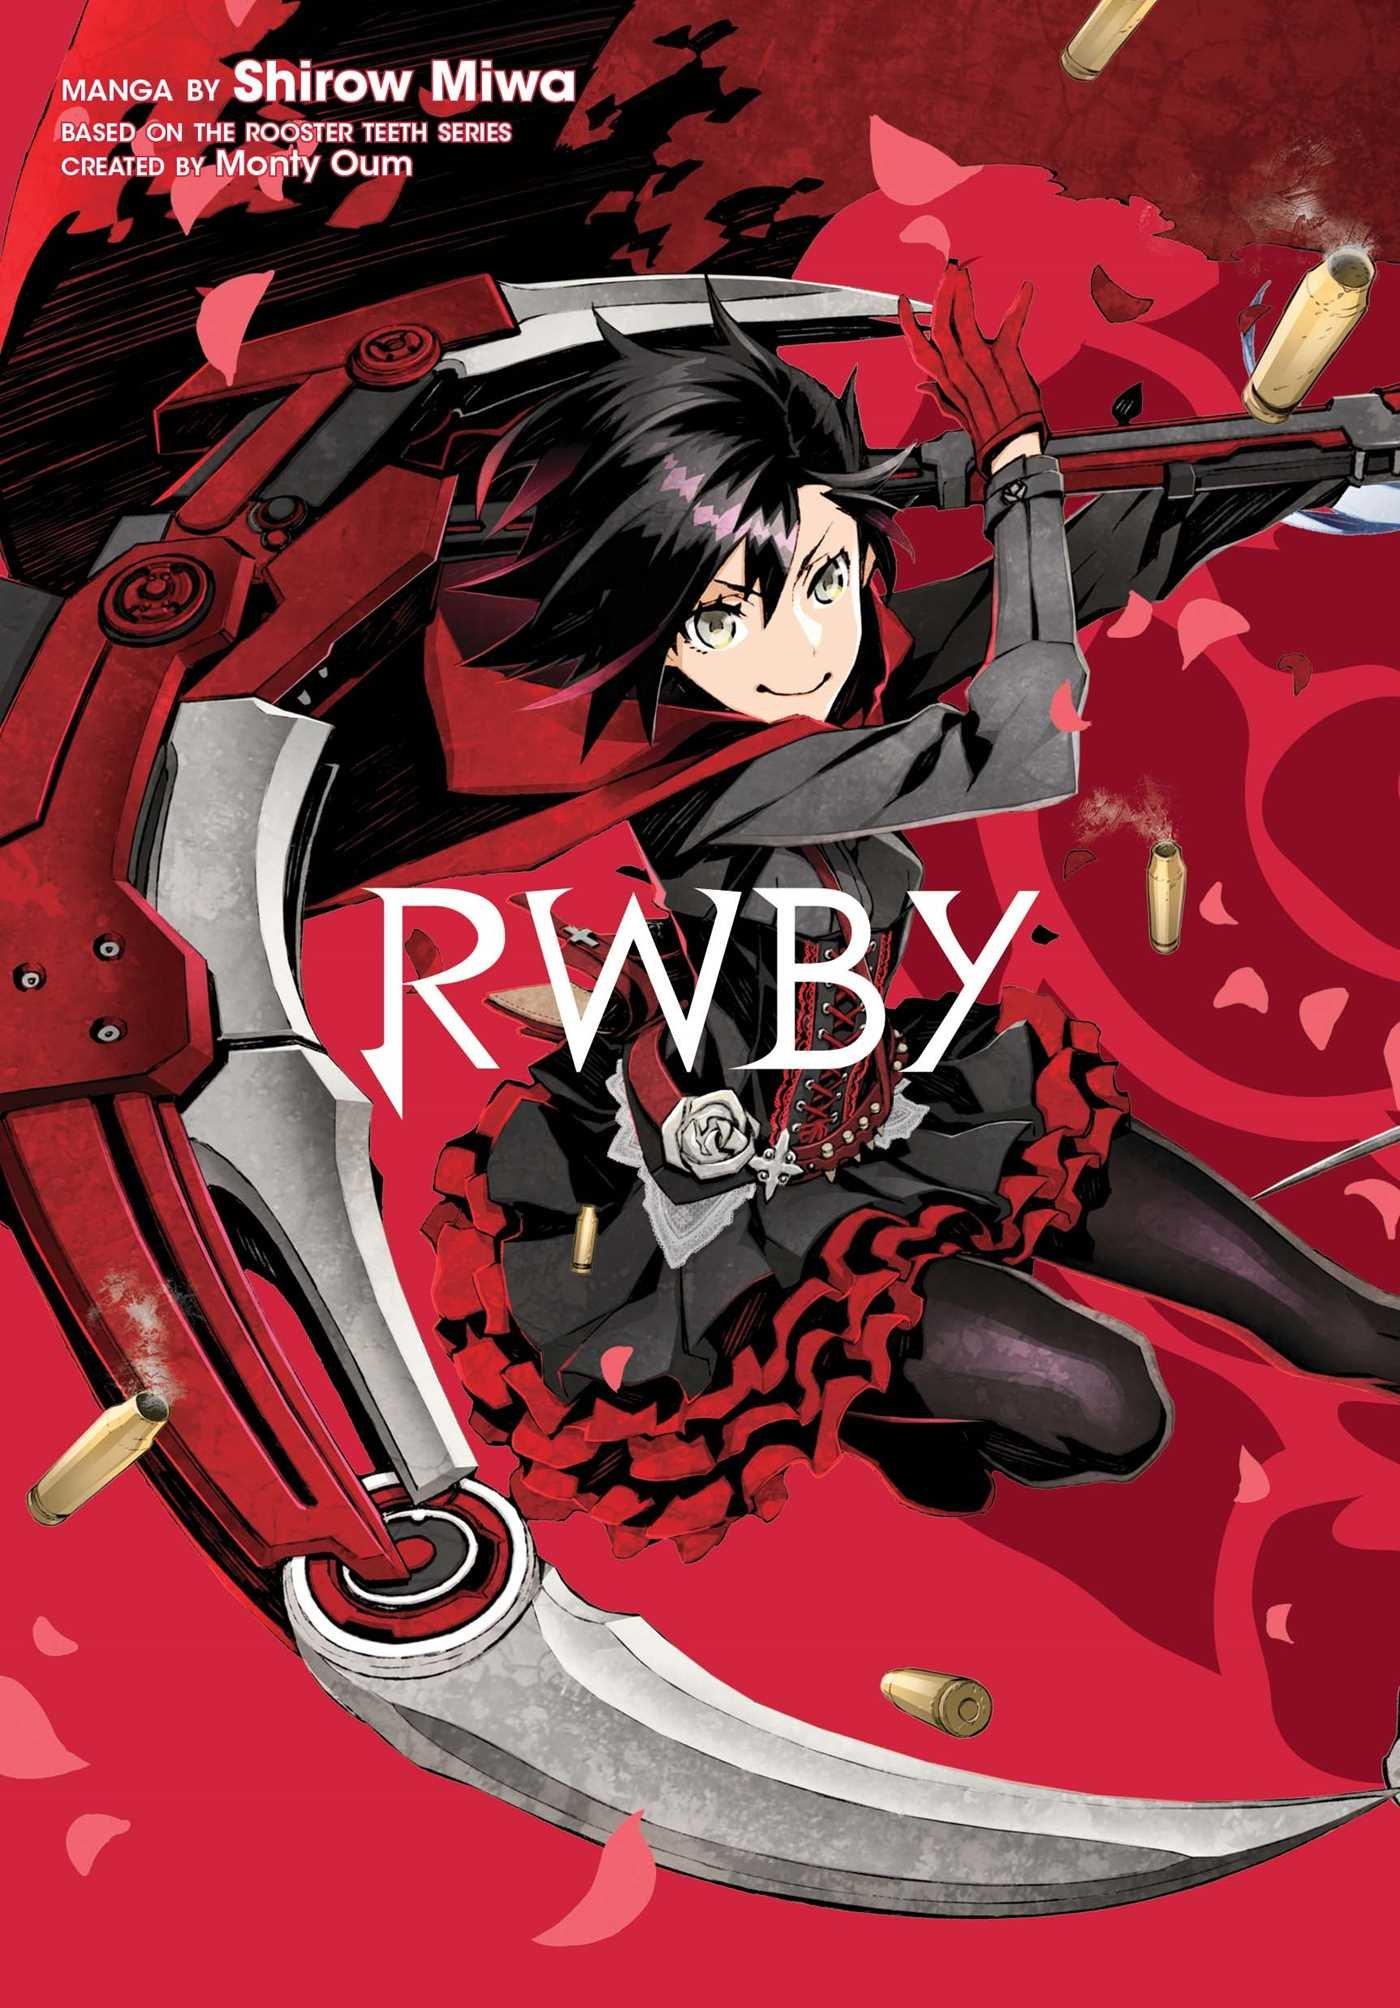 RWBY planet manga